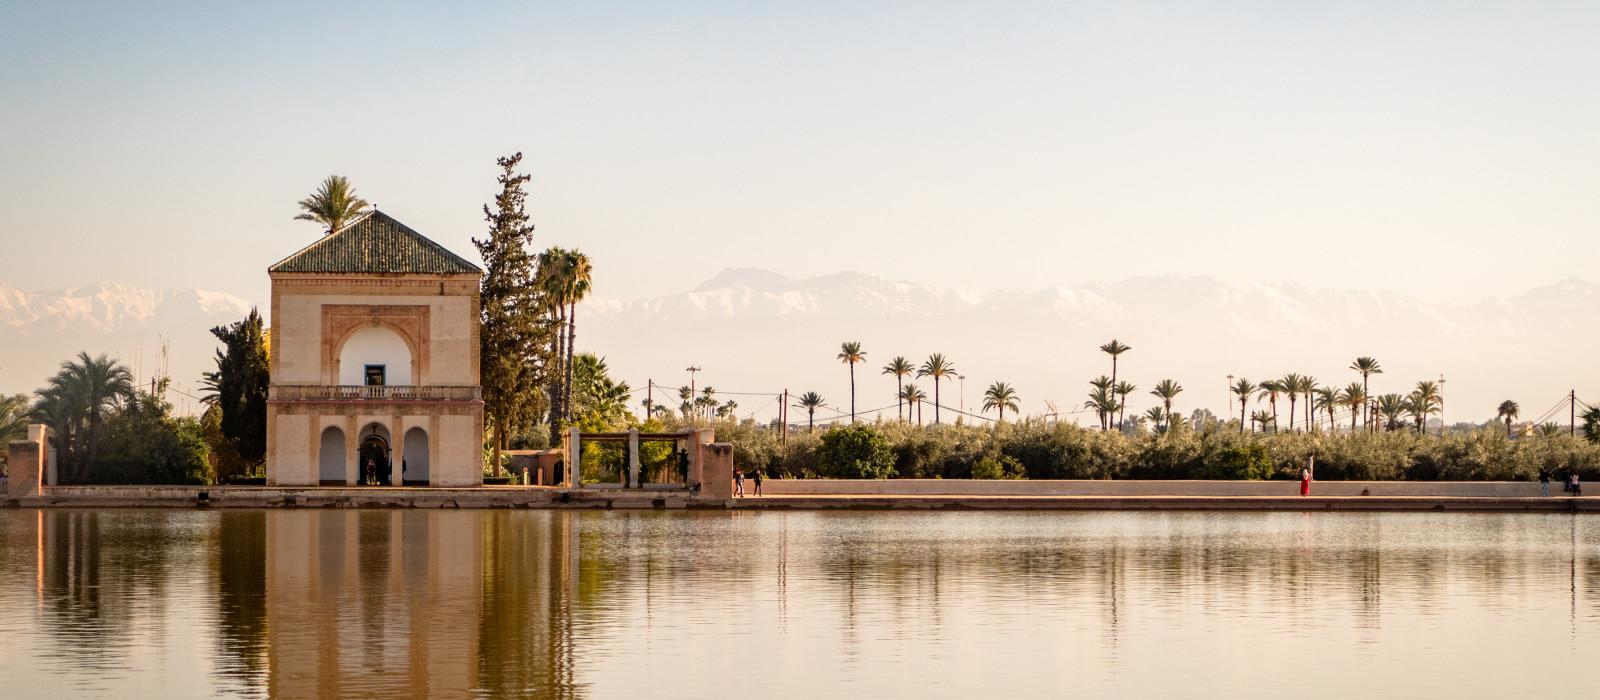 Die Menara-Gärten sind botanische Gärten im Westen von Marrakesch, Marokko, in der Nähe des Atlasgebirges